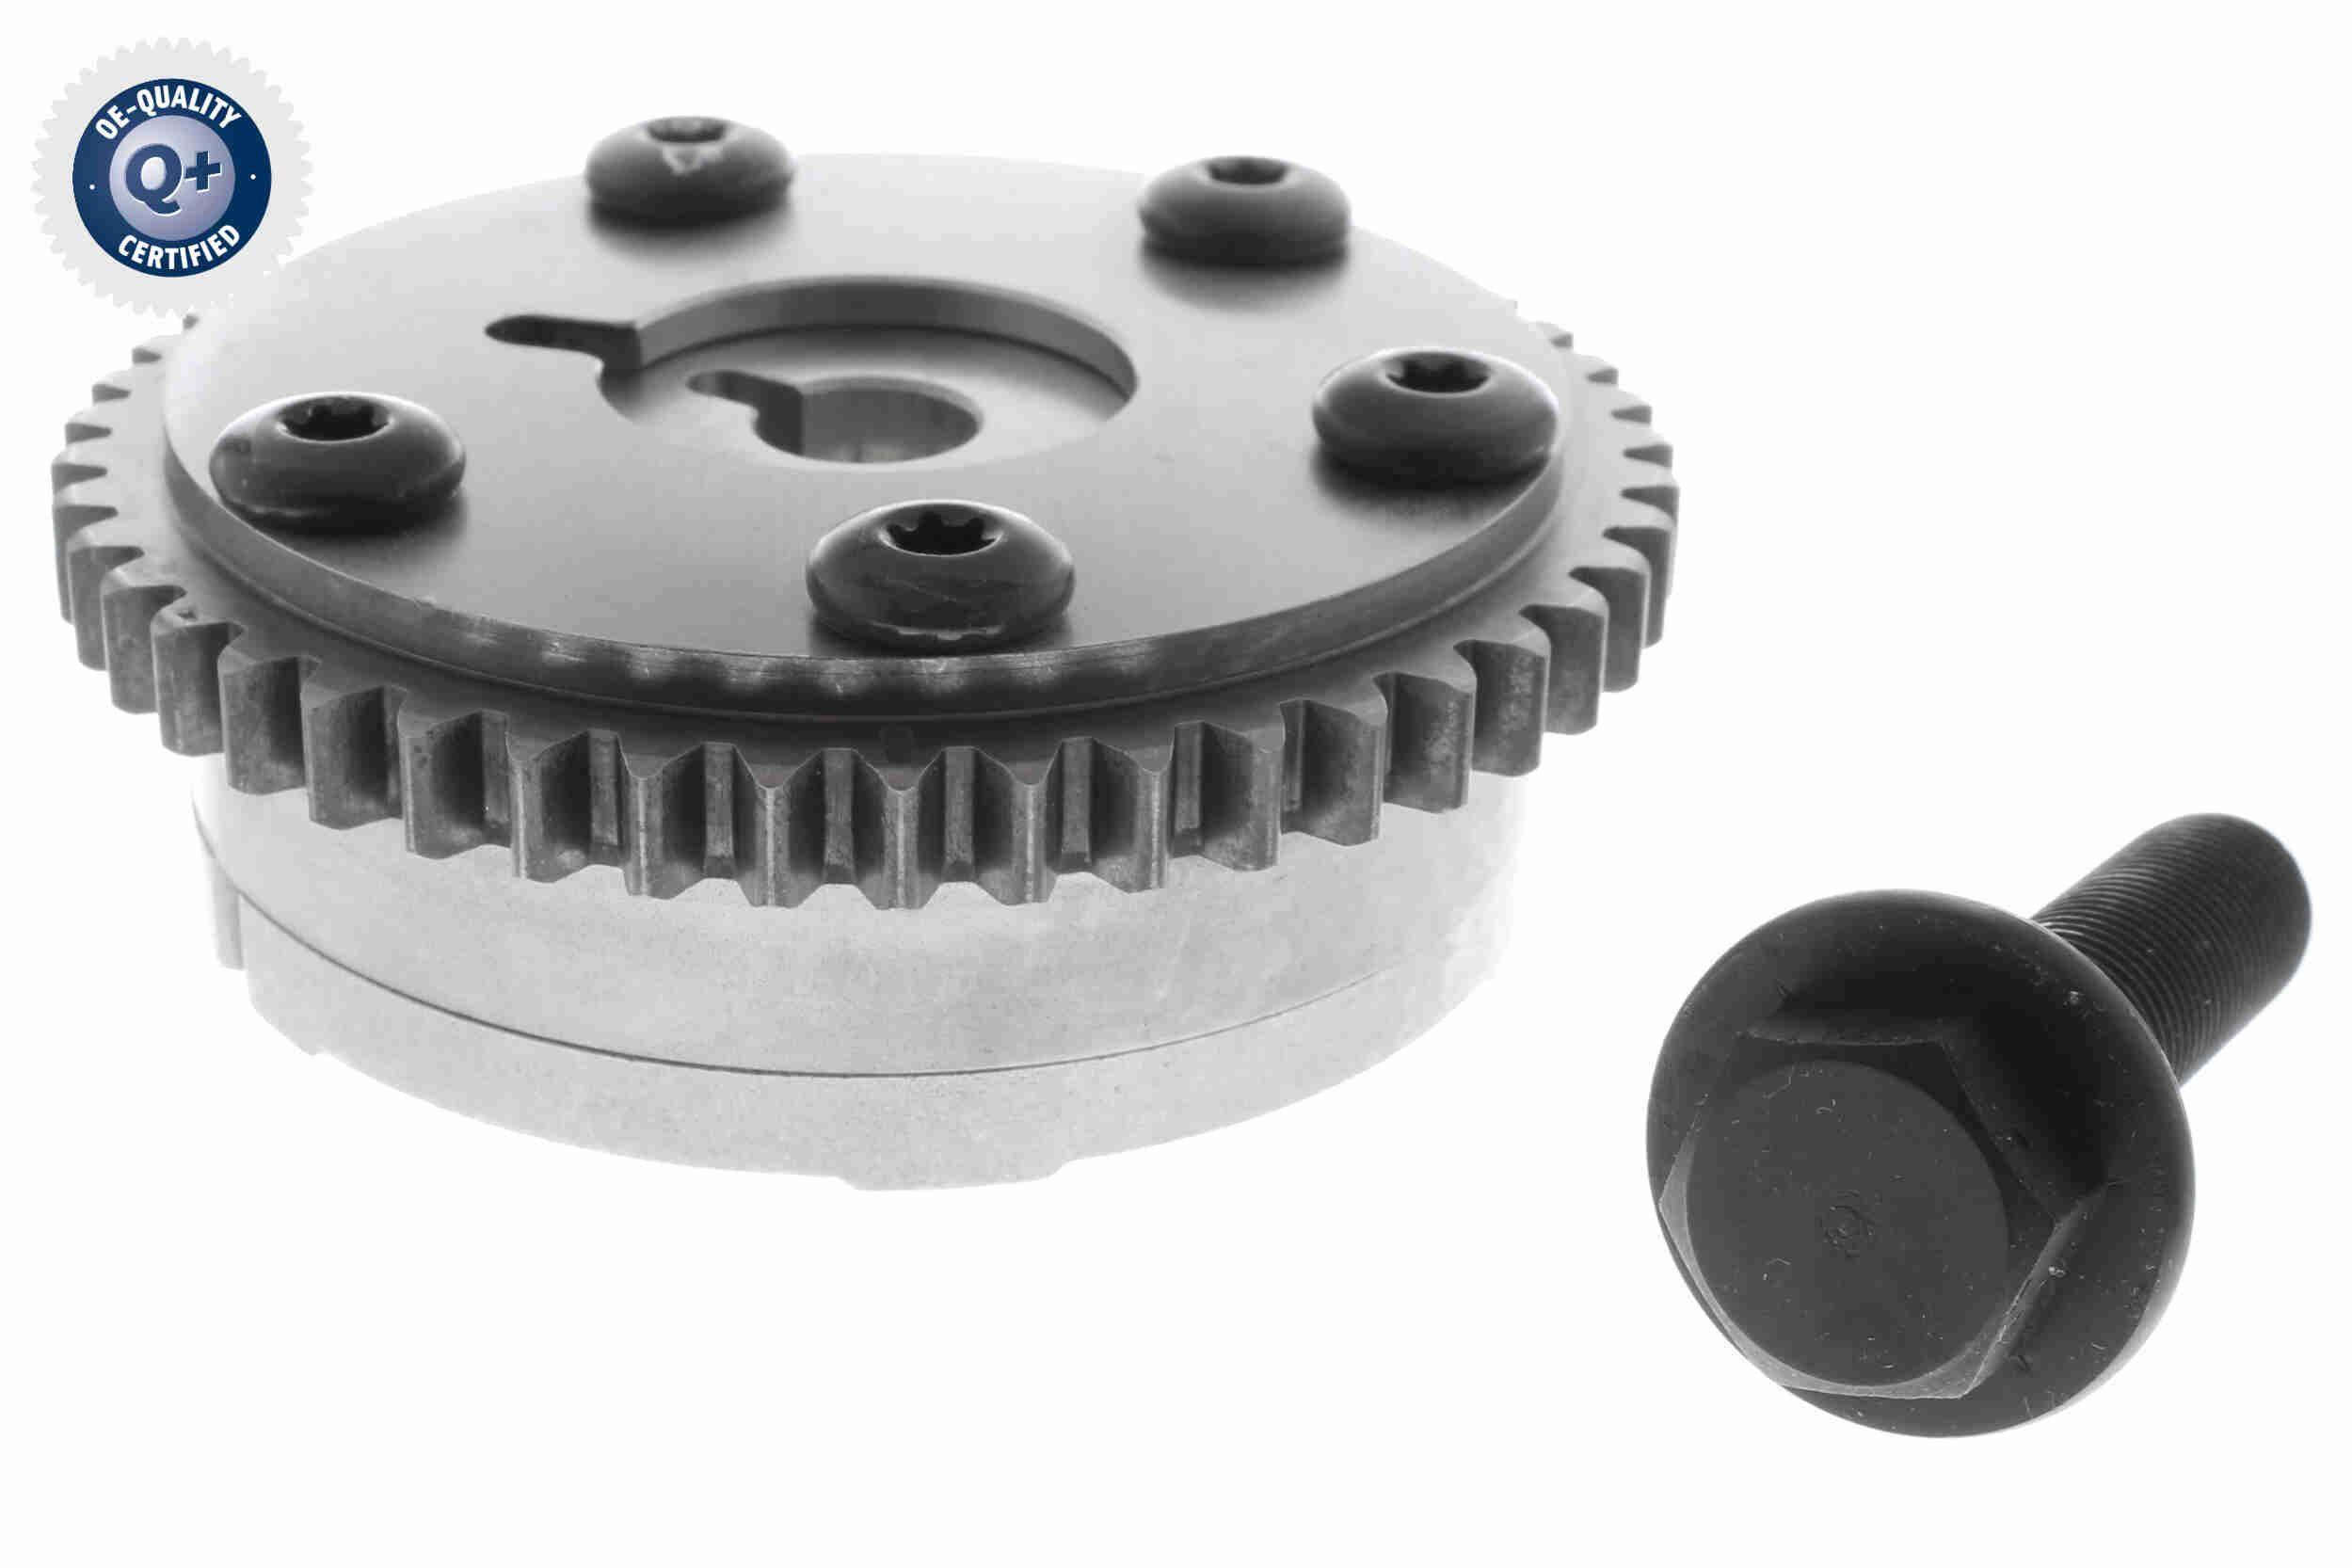 Nockenwellenversteller A26-0377 ACKOJA A26-0377 in Original Qualität